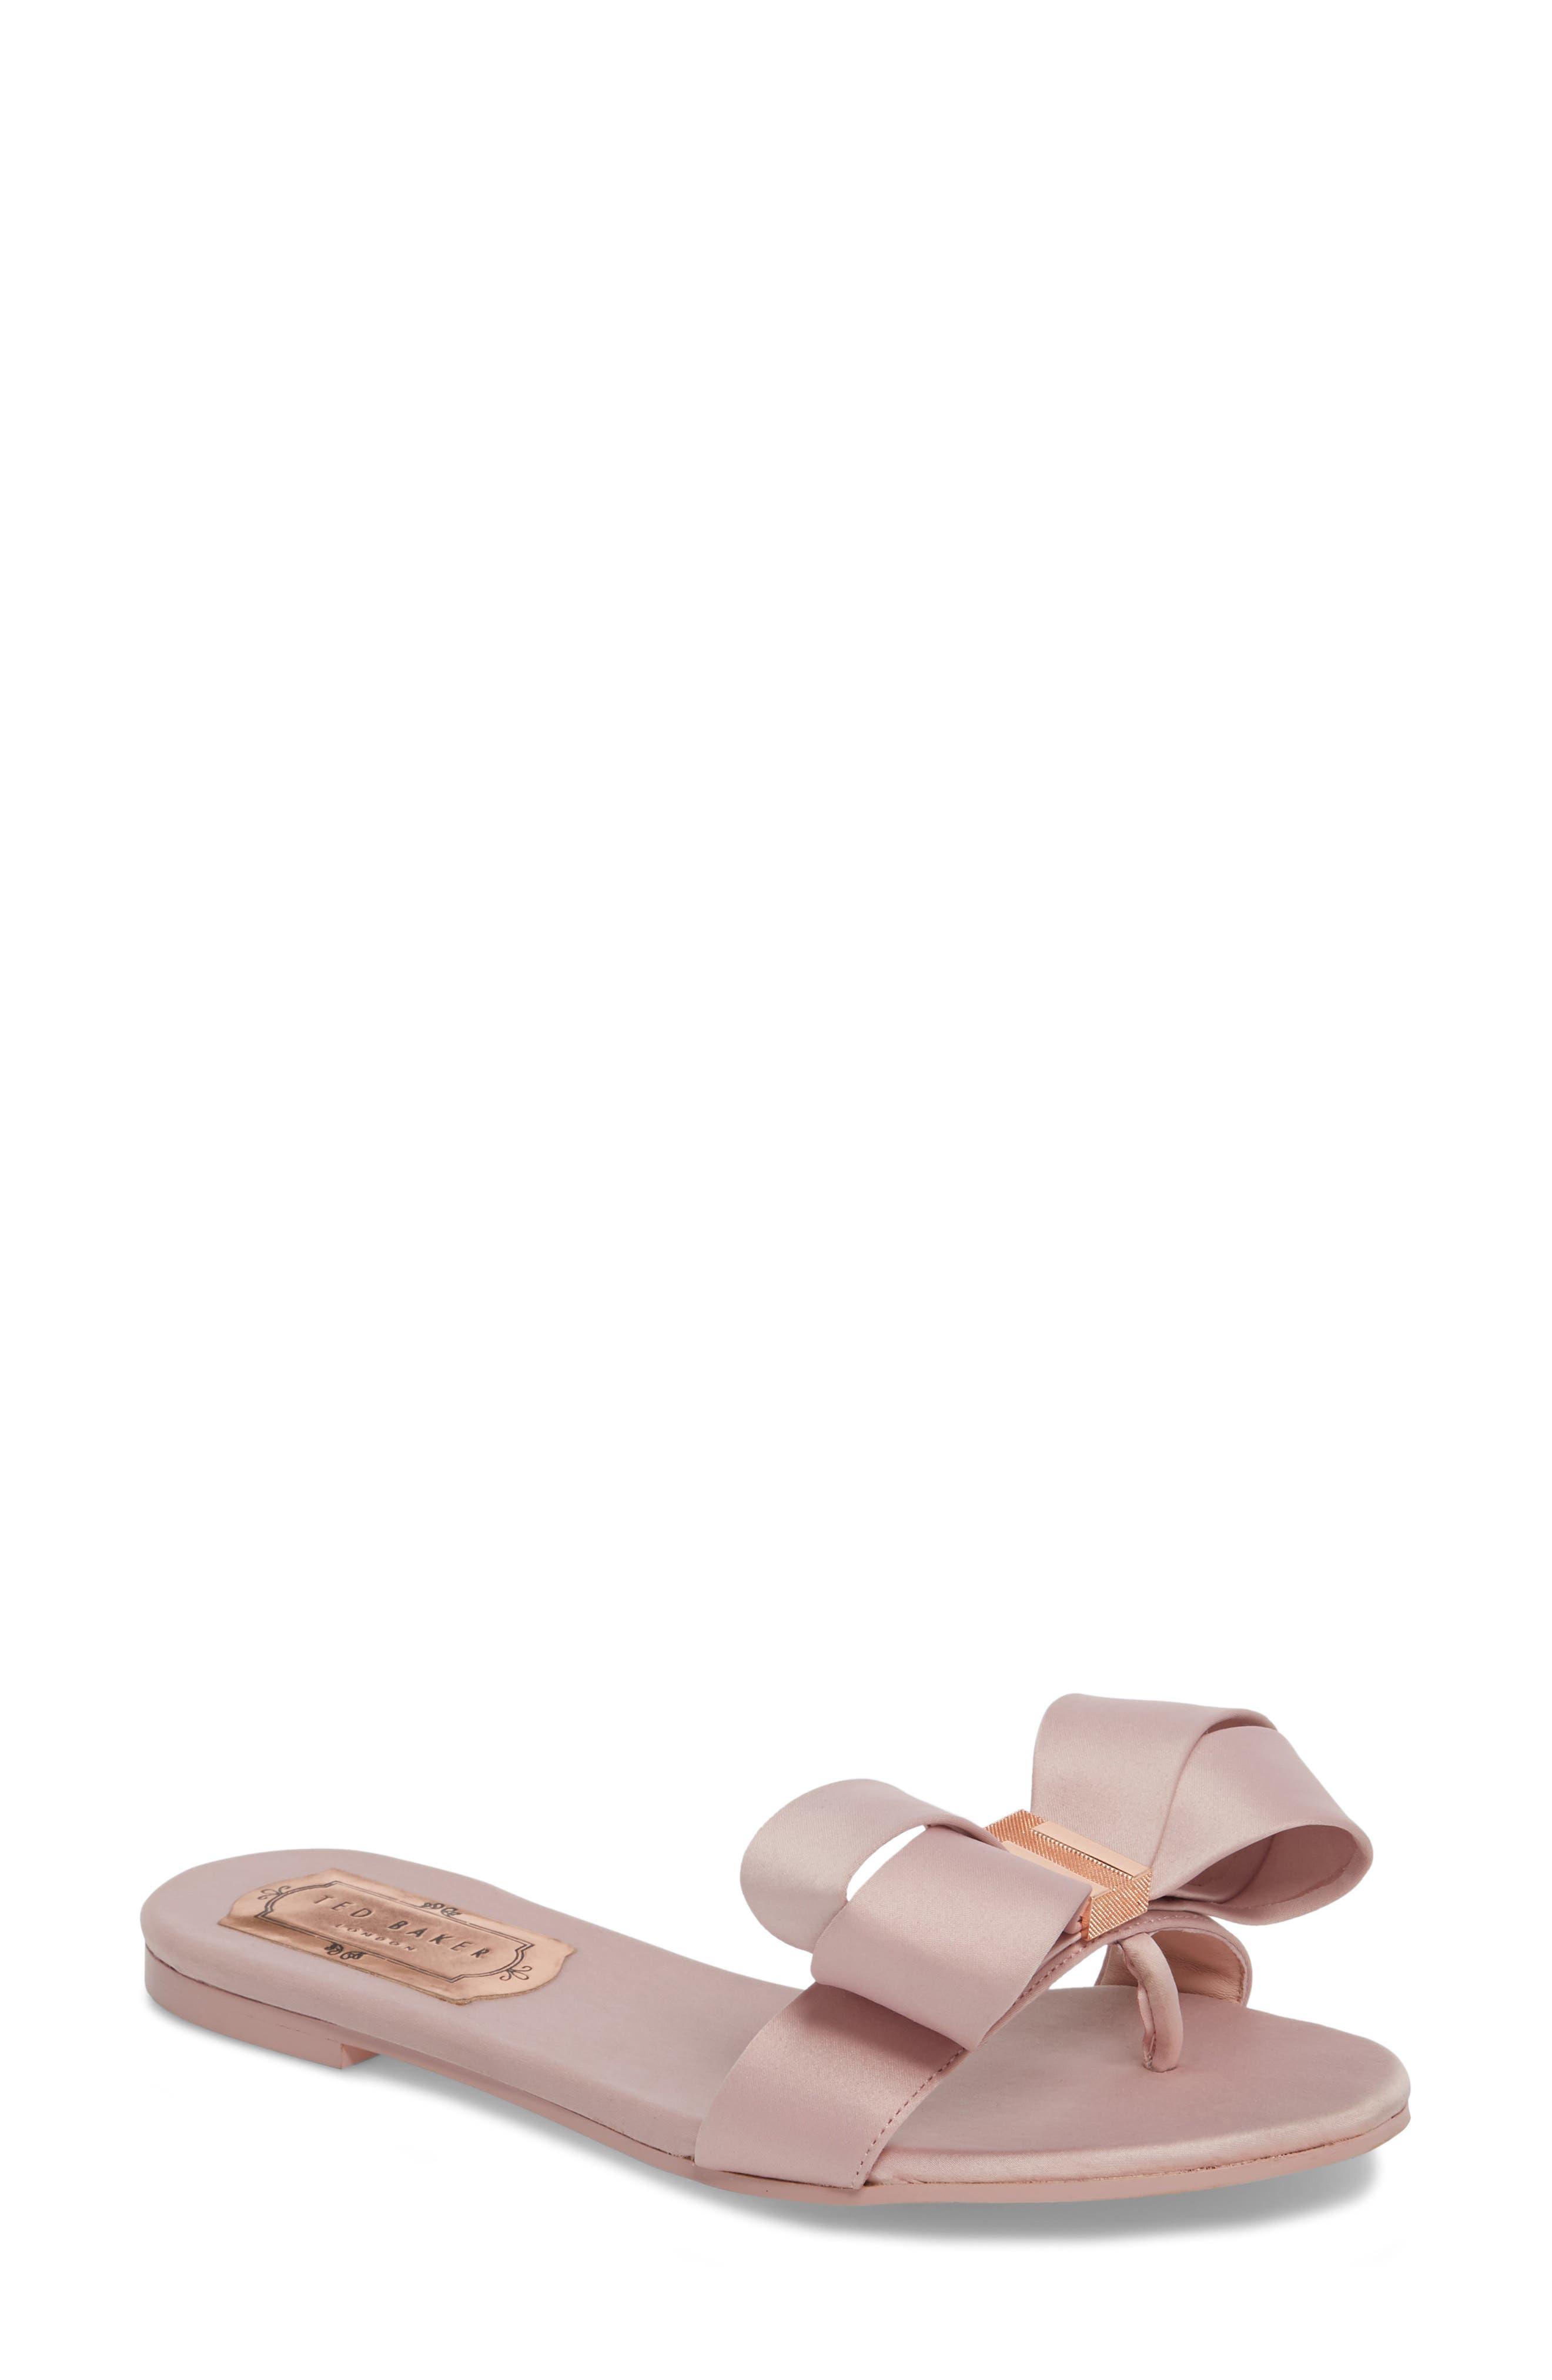 Slide Sandal,                         Main,                         color, Light Pink Satin